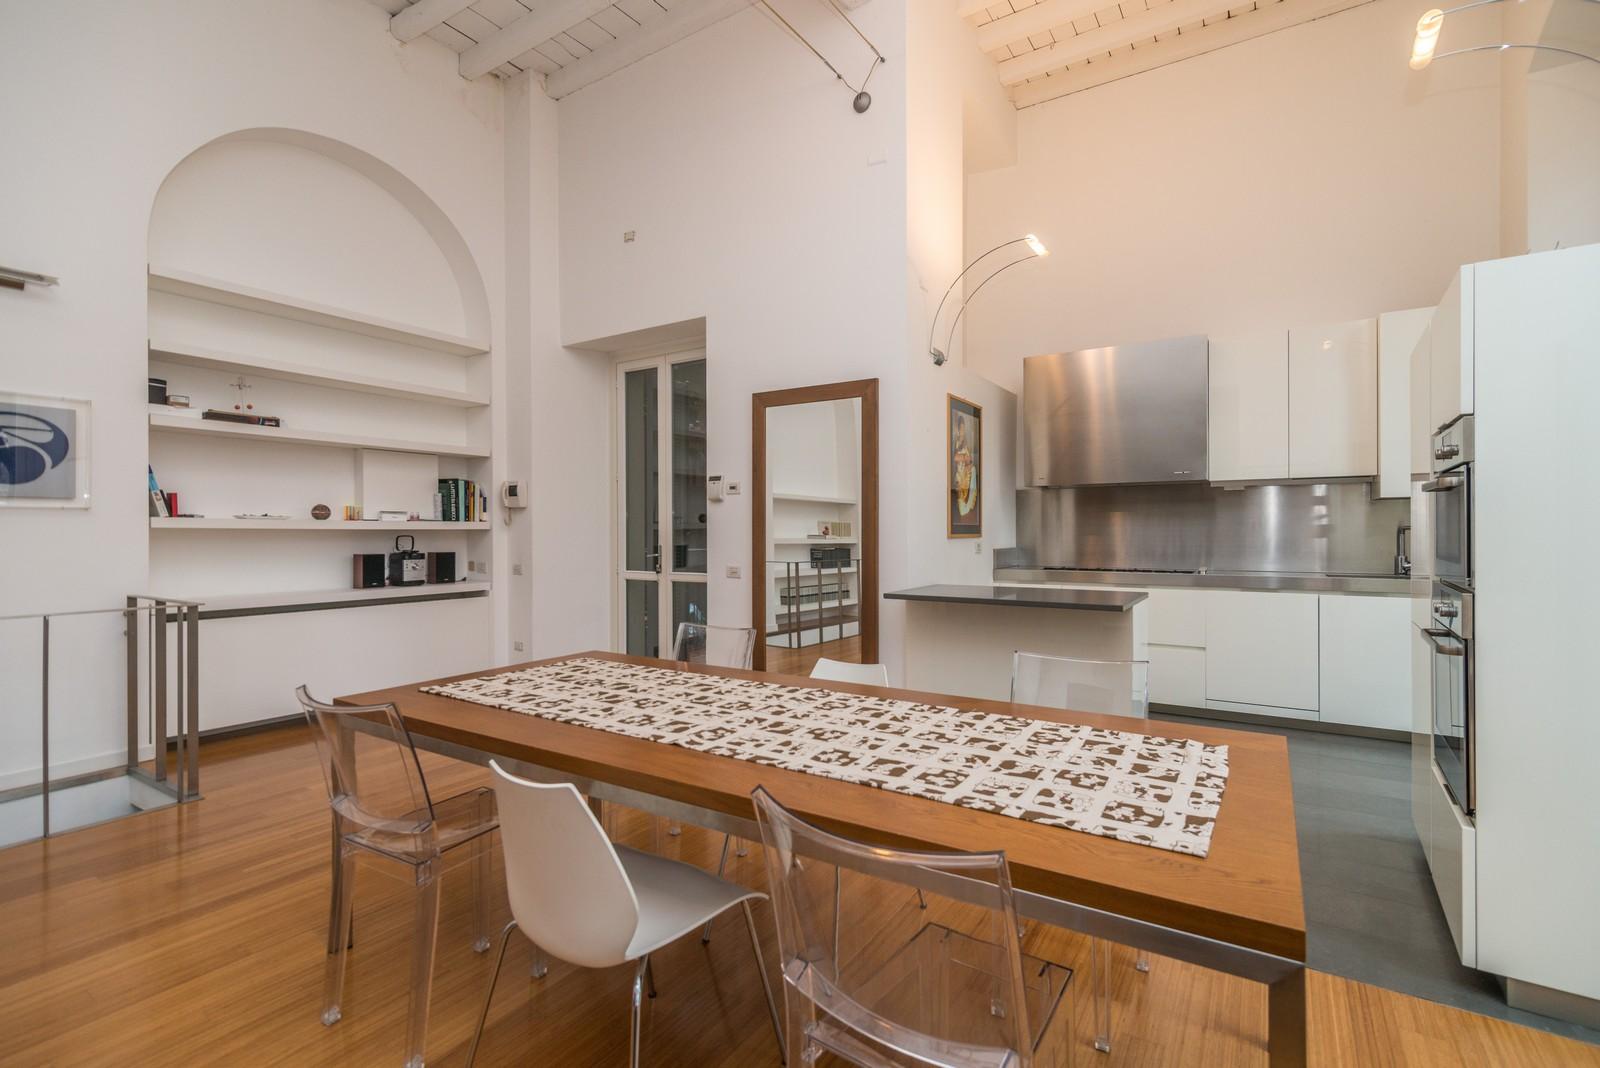 Cabina Armadio E Lavanderia : Vendita moderno ed elegante loft in zona navigli immobiliare mieli